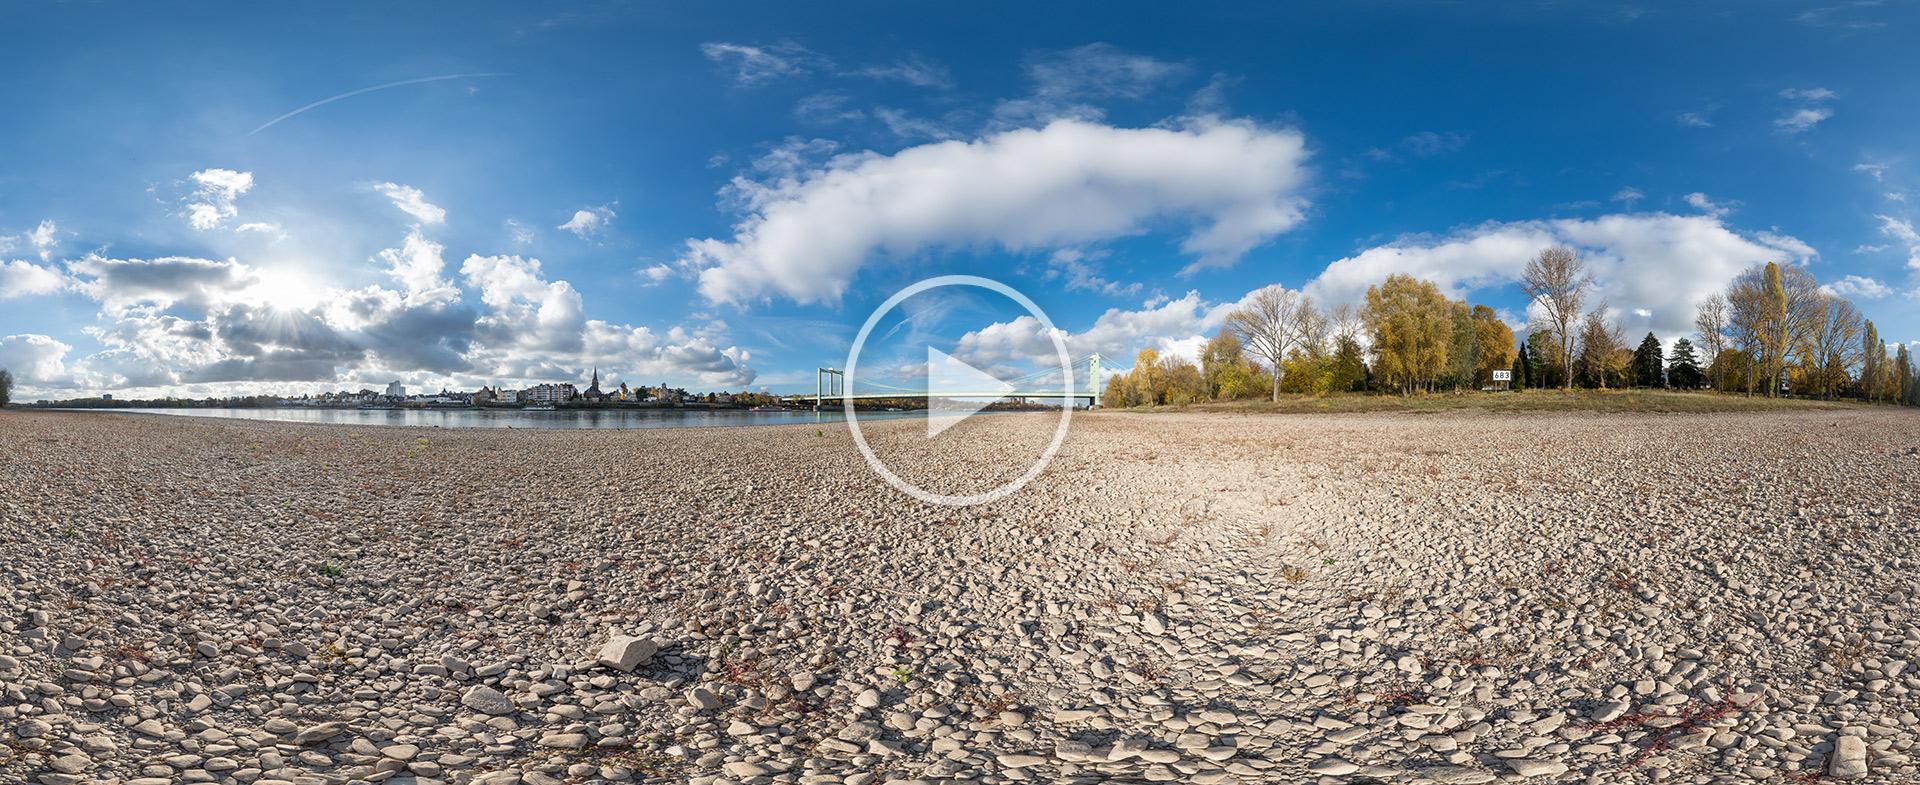 Niedrigwasser des Rheins bei Rheinkilometer 683 | Porz-Westhoven, Ansicht Rodenkirchen | 11.2018